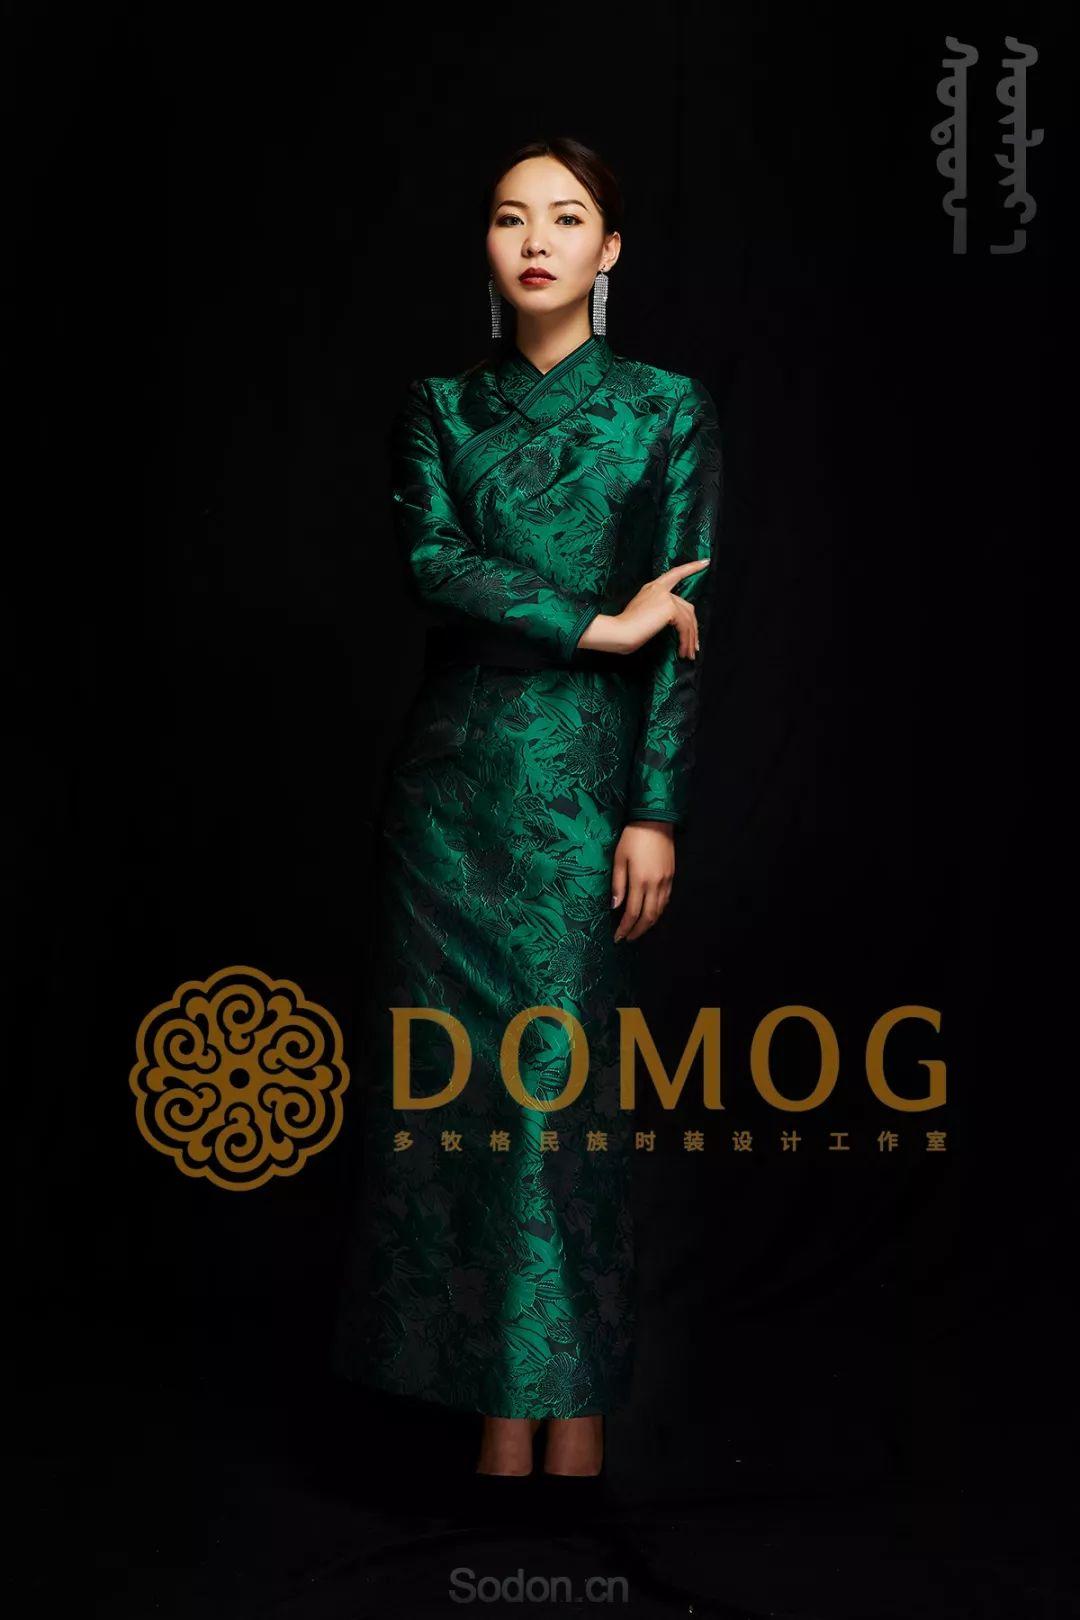 DOMOG蒙古时装绝美秋冬款系列,美出新高度! 第8张